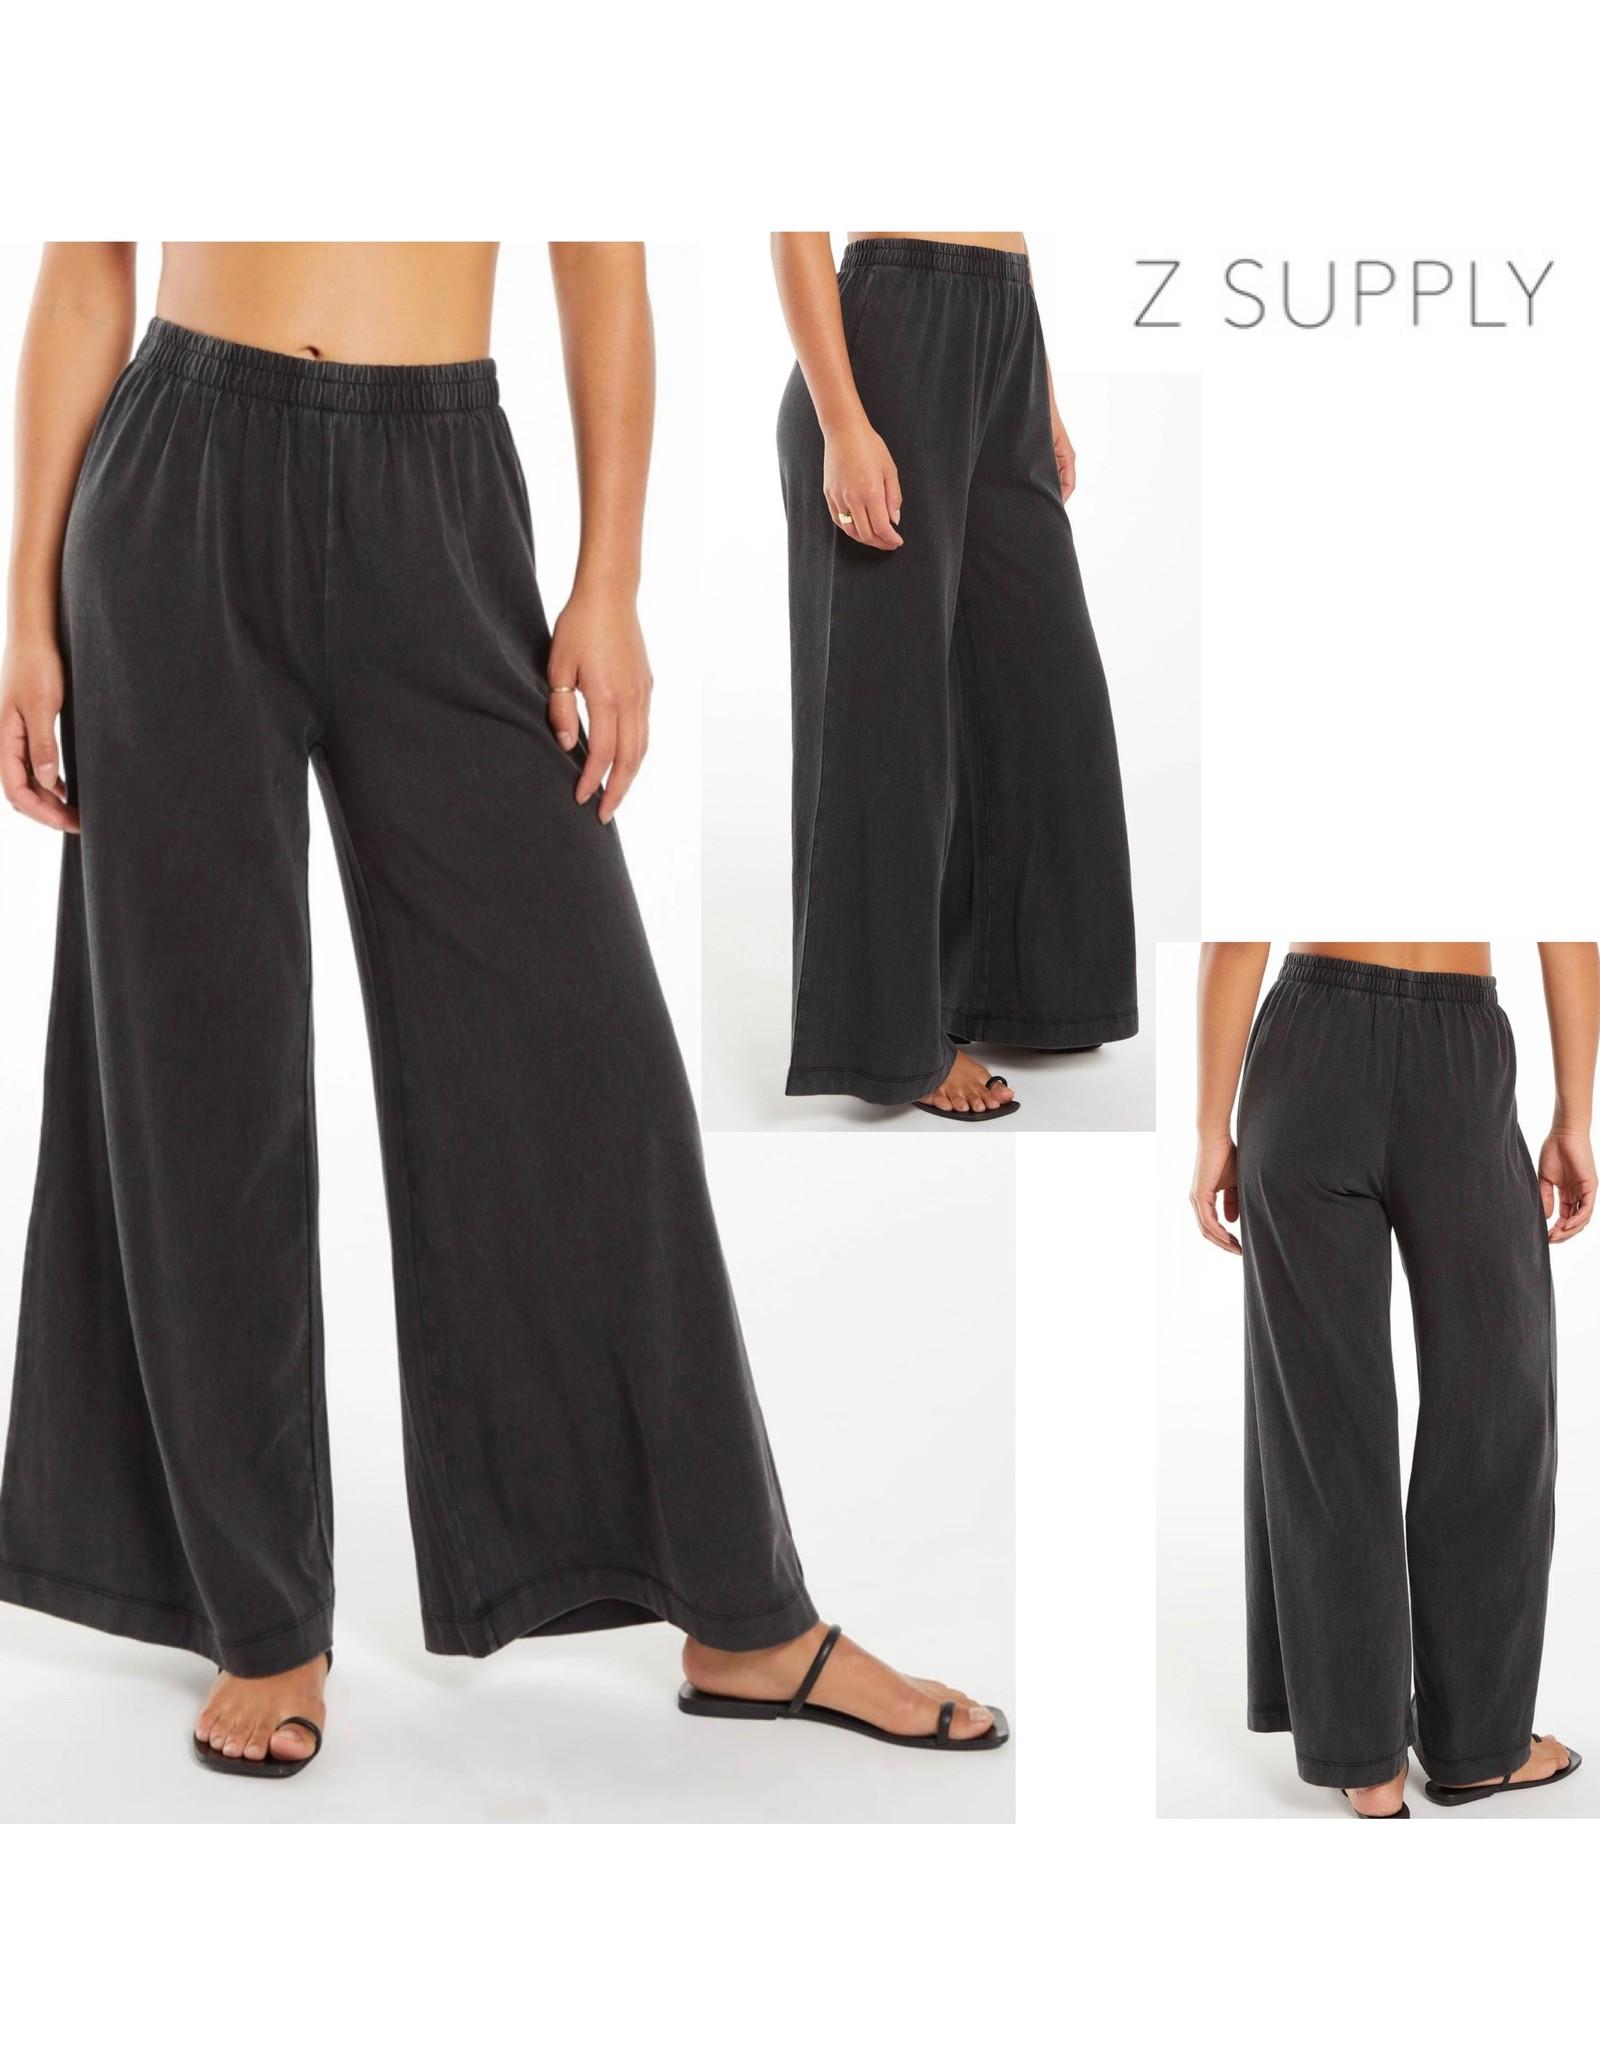 Z Supply Z SUPPLY Scout Jersey Flare Pants